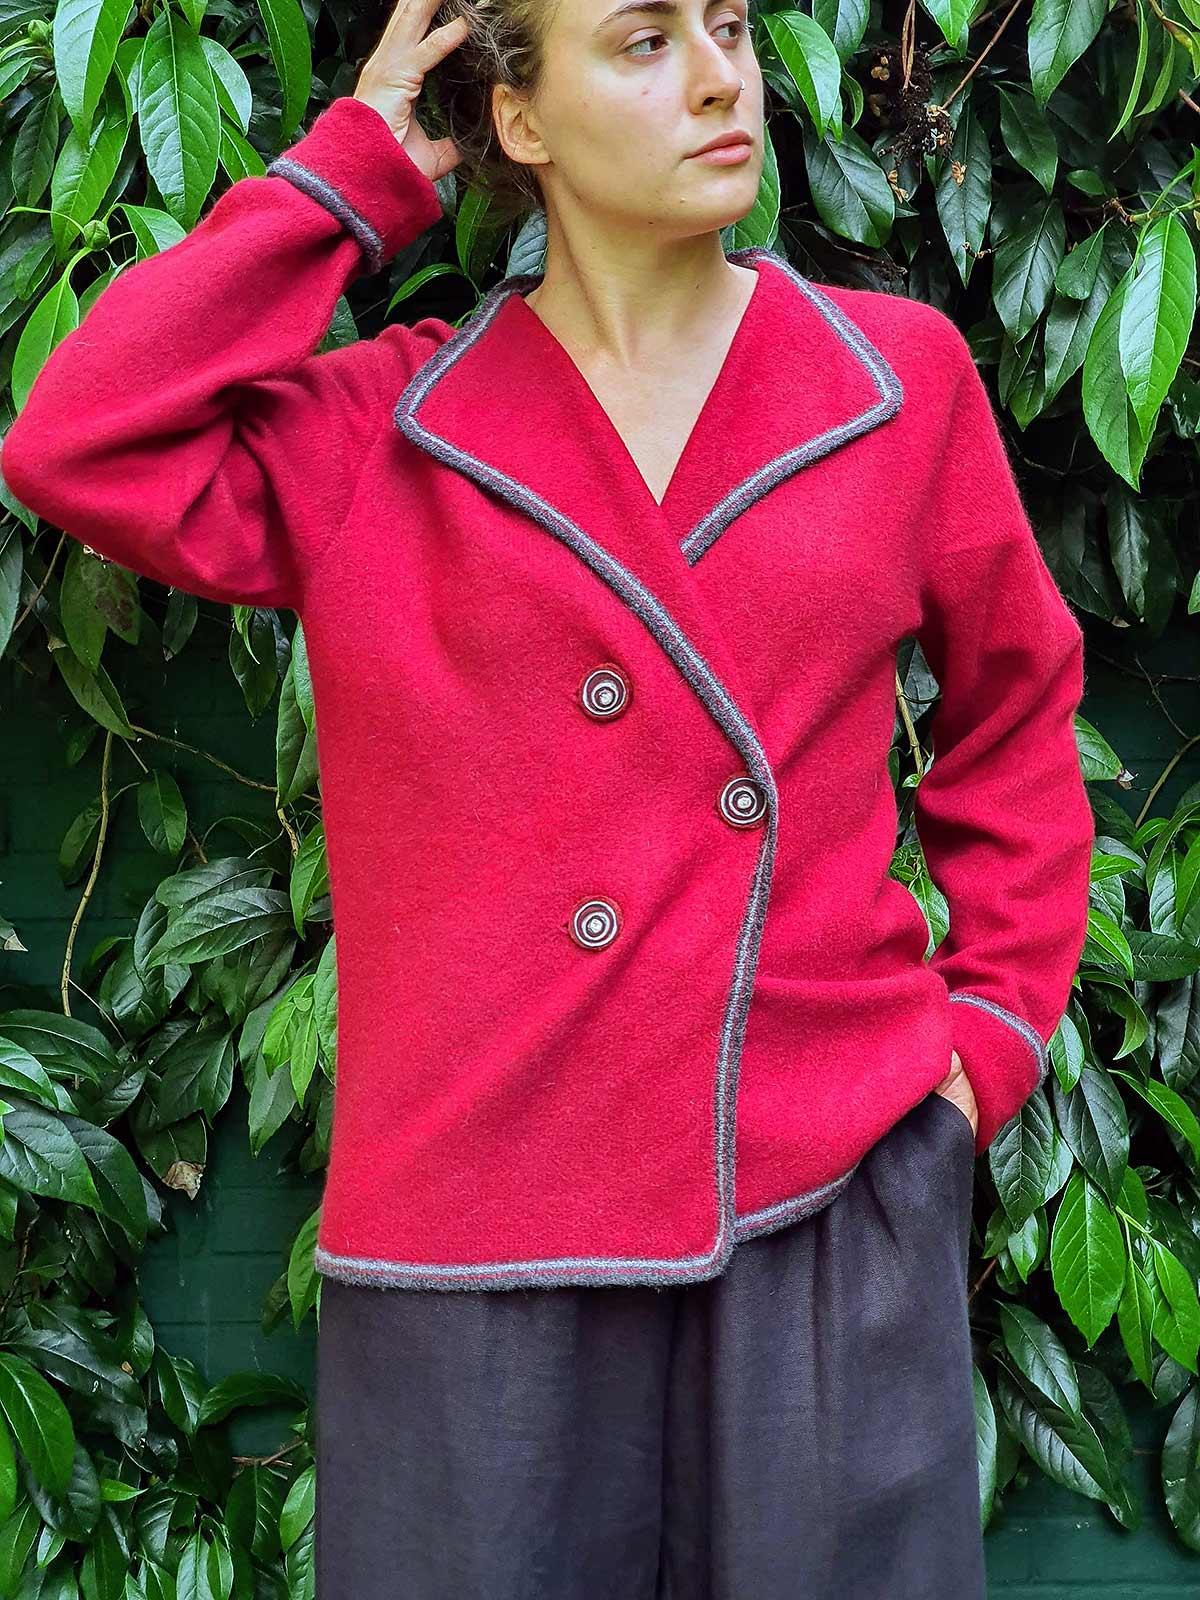 woman wearing jacket in garden